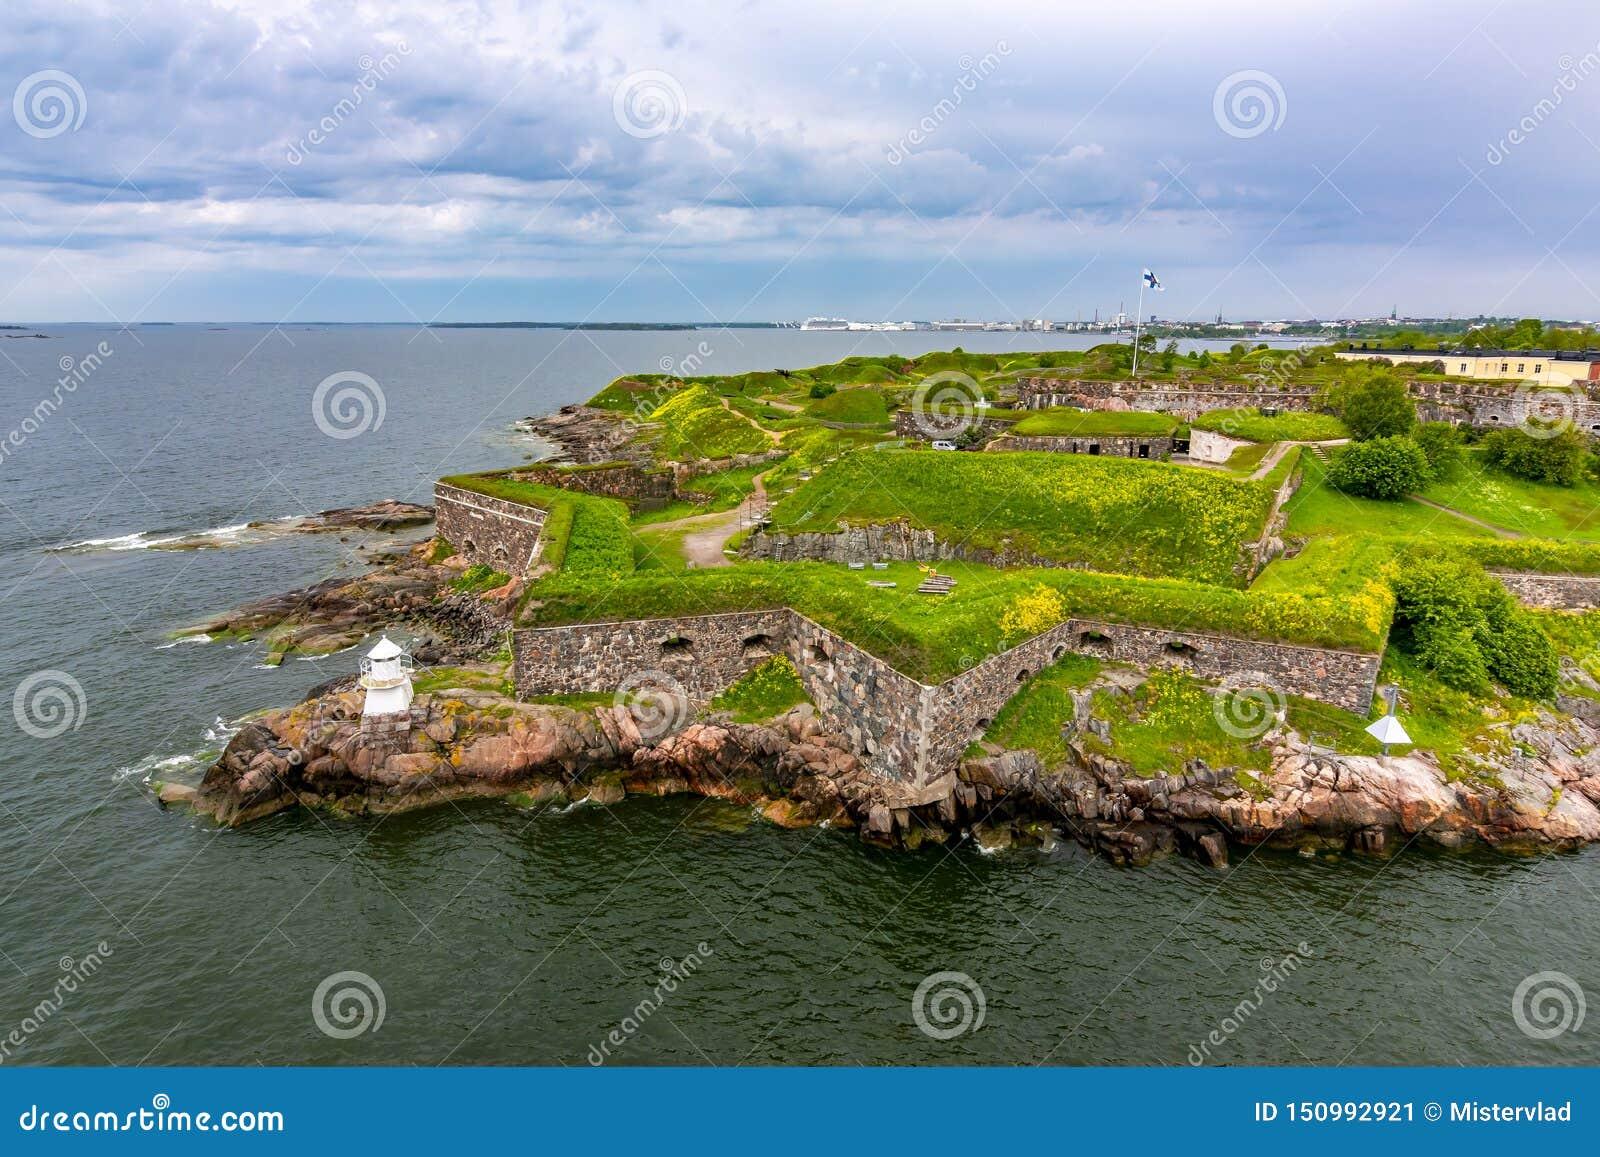 Festung von Suomenlinna nahe Helsinki, Finnland